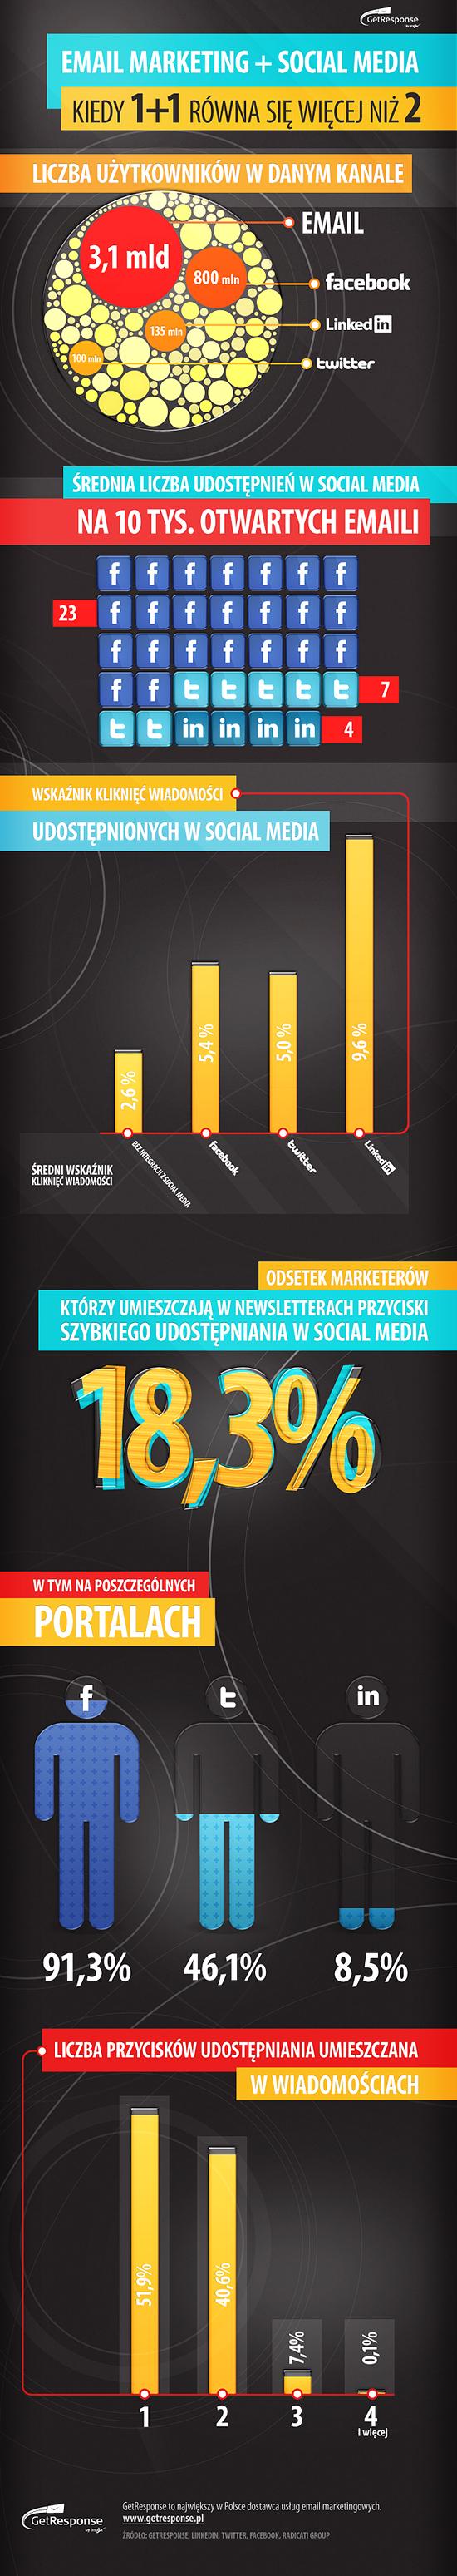 Wpływ social media na email marketing.